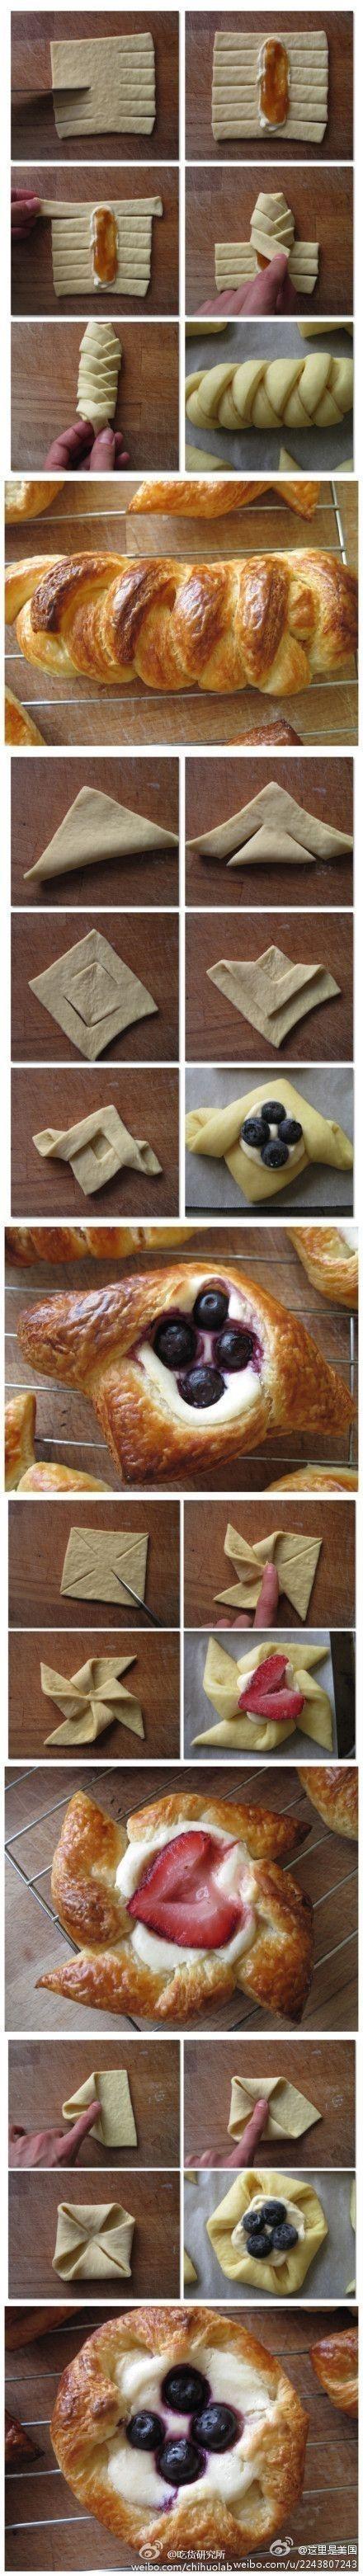 Пирожки как делать пошагово